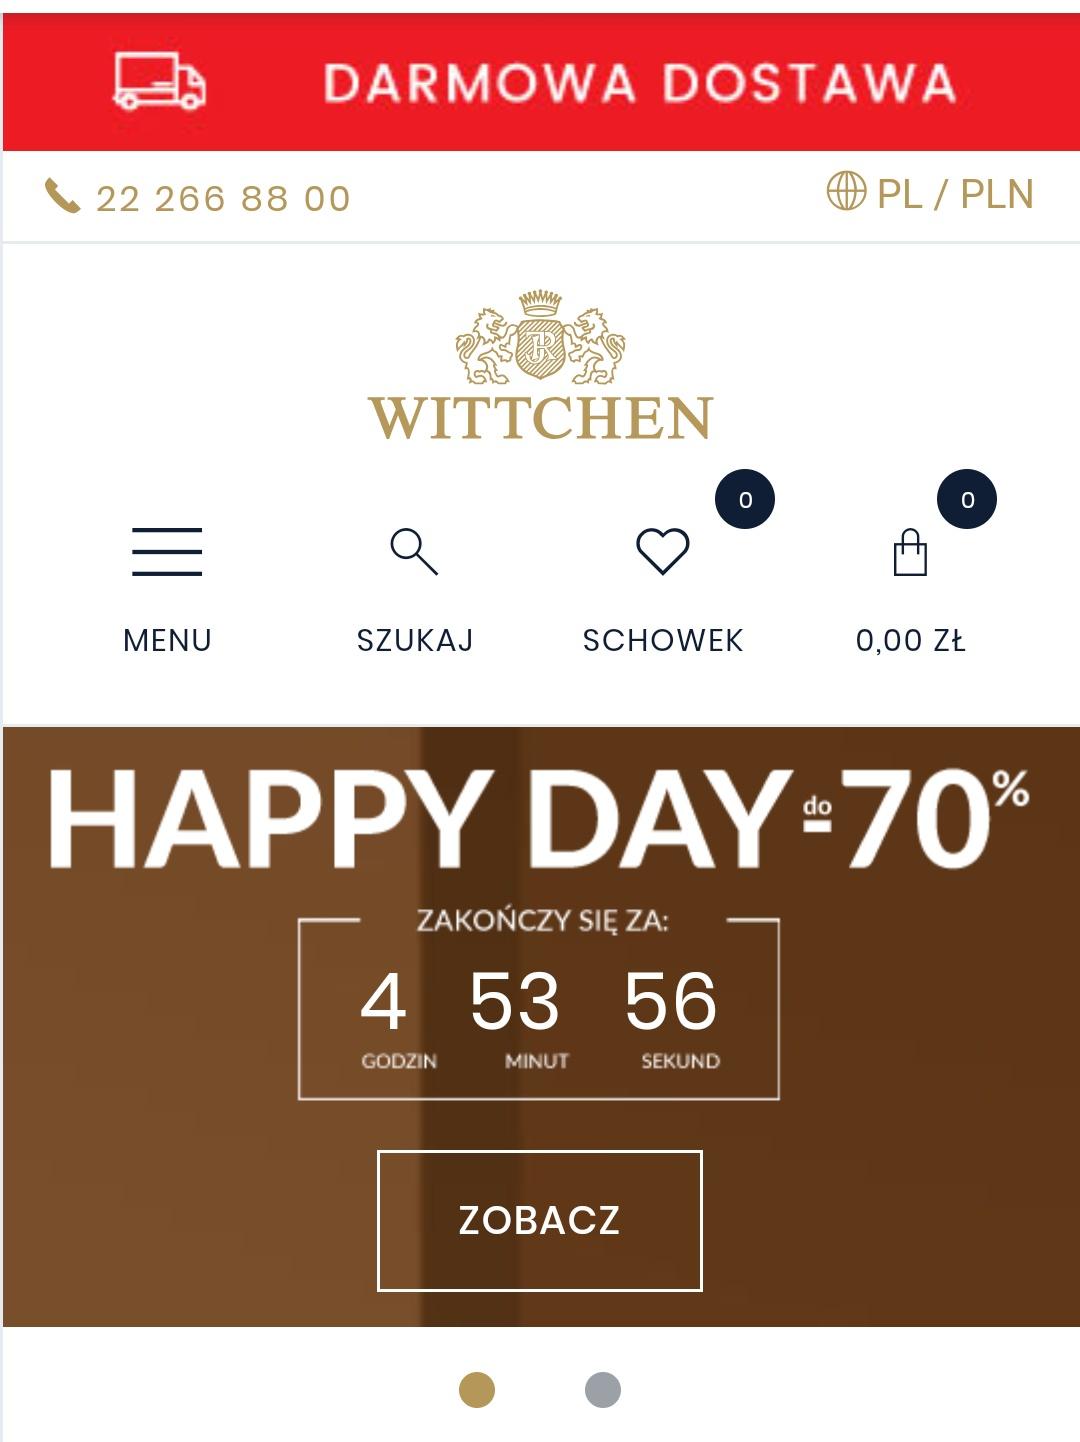 WITTCHEN happy day - 70%